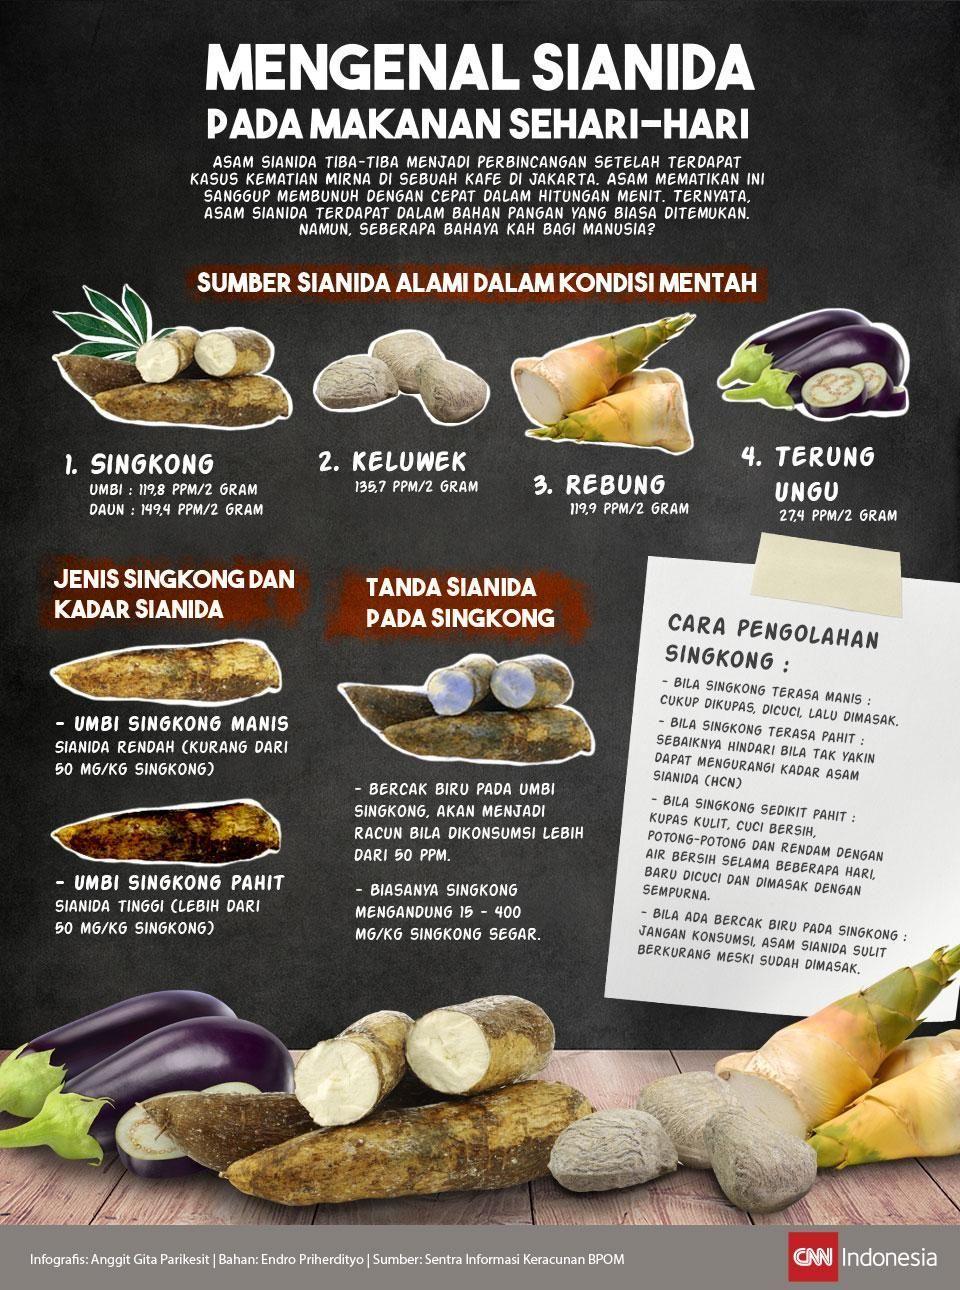 Seharihari Mengenal Sianida Makanan Padamengenal Sianida Pada Makanan Sehari Hari Makanan Nutrisi Resep Makanan Sehat